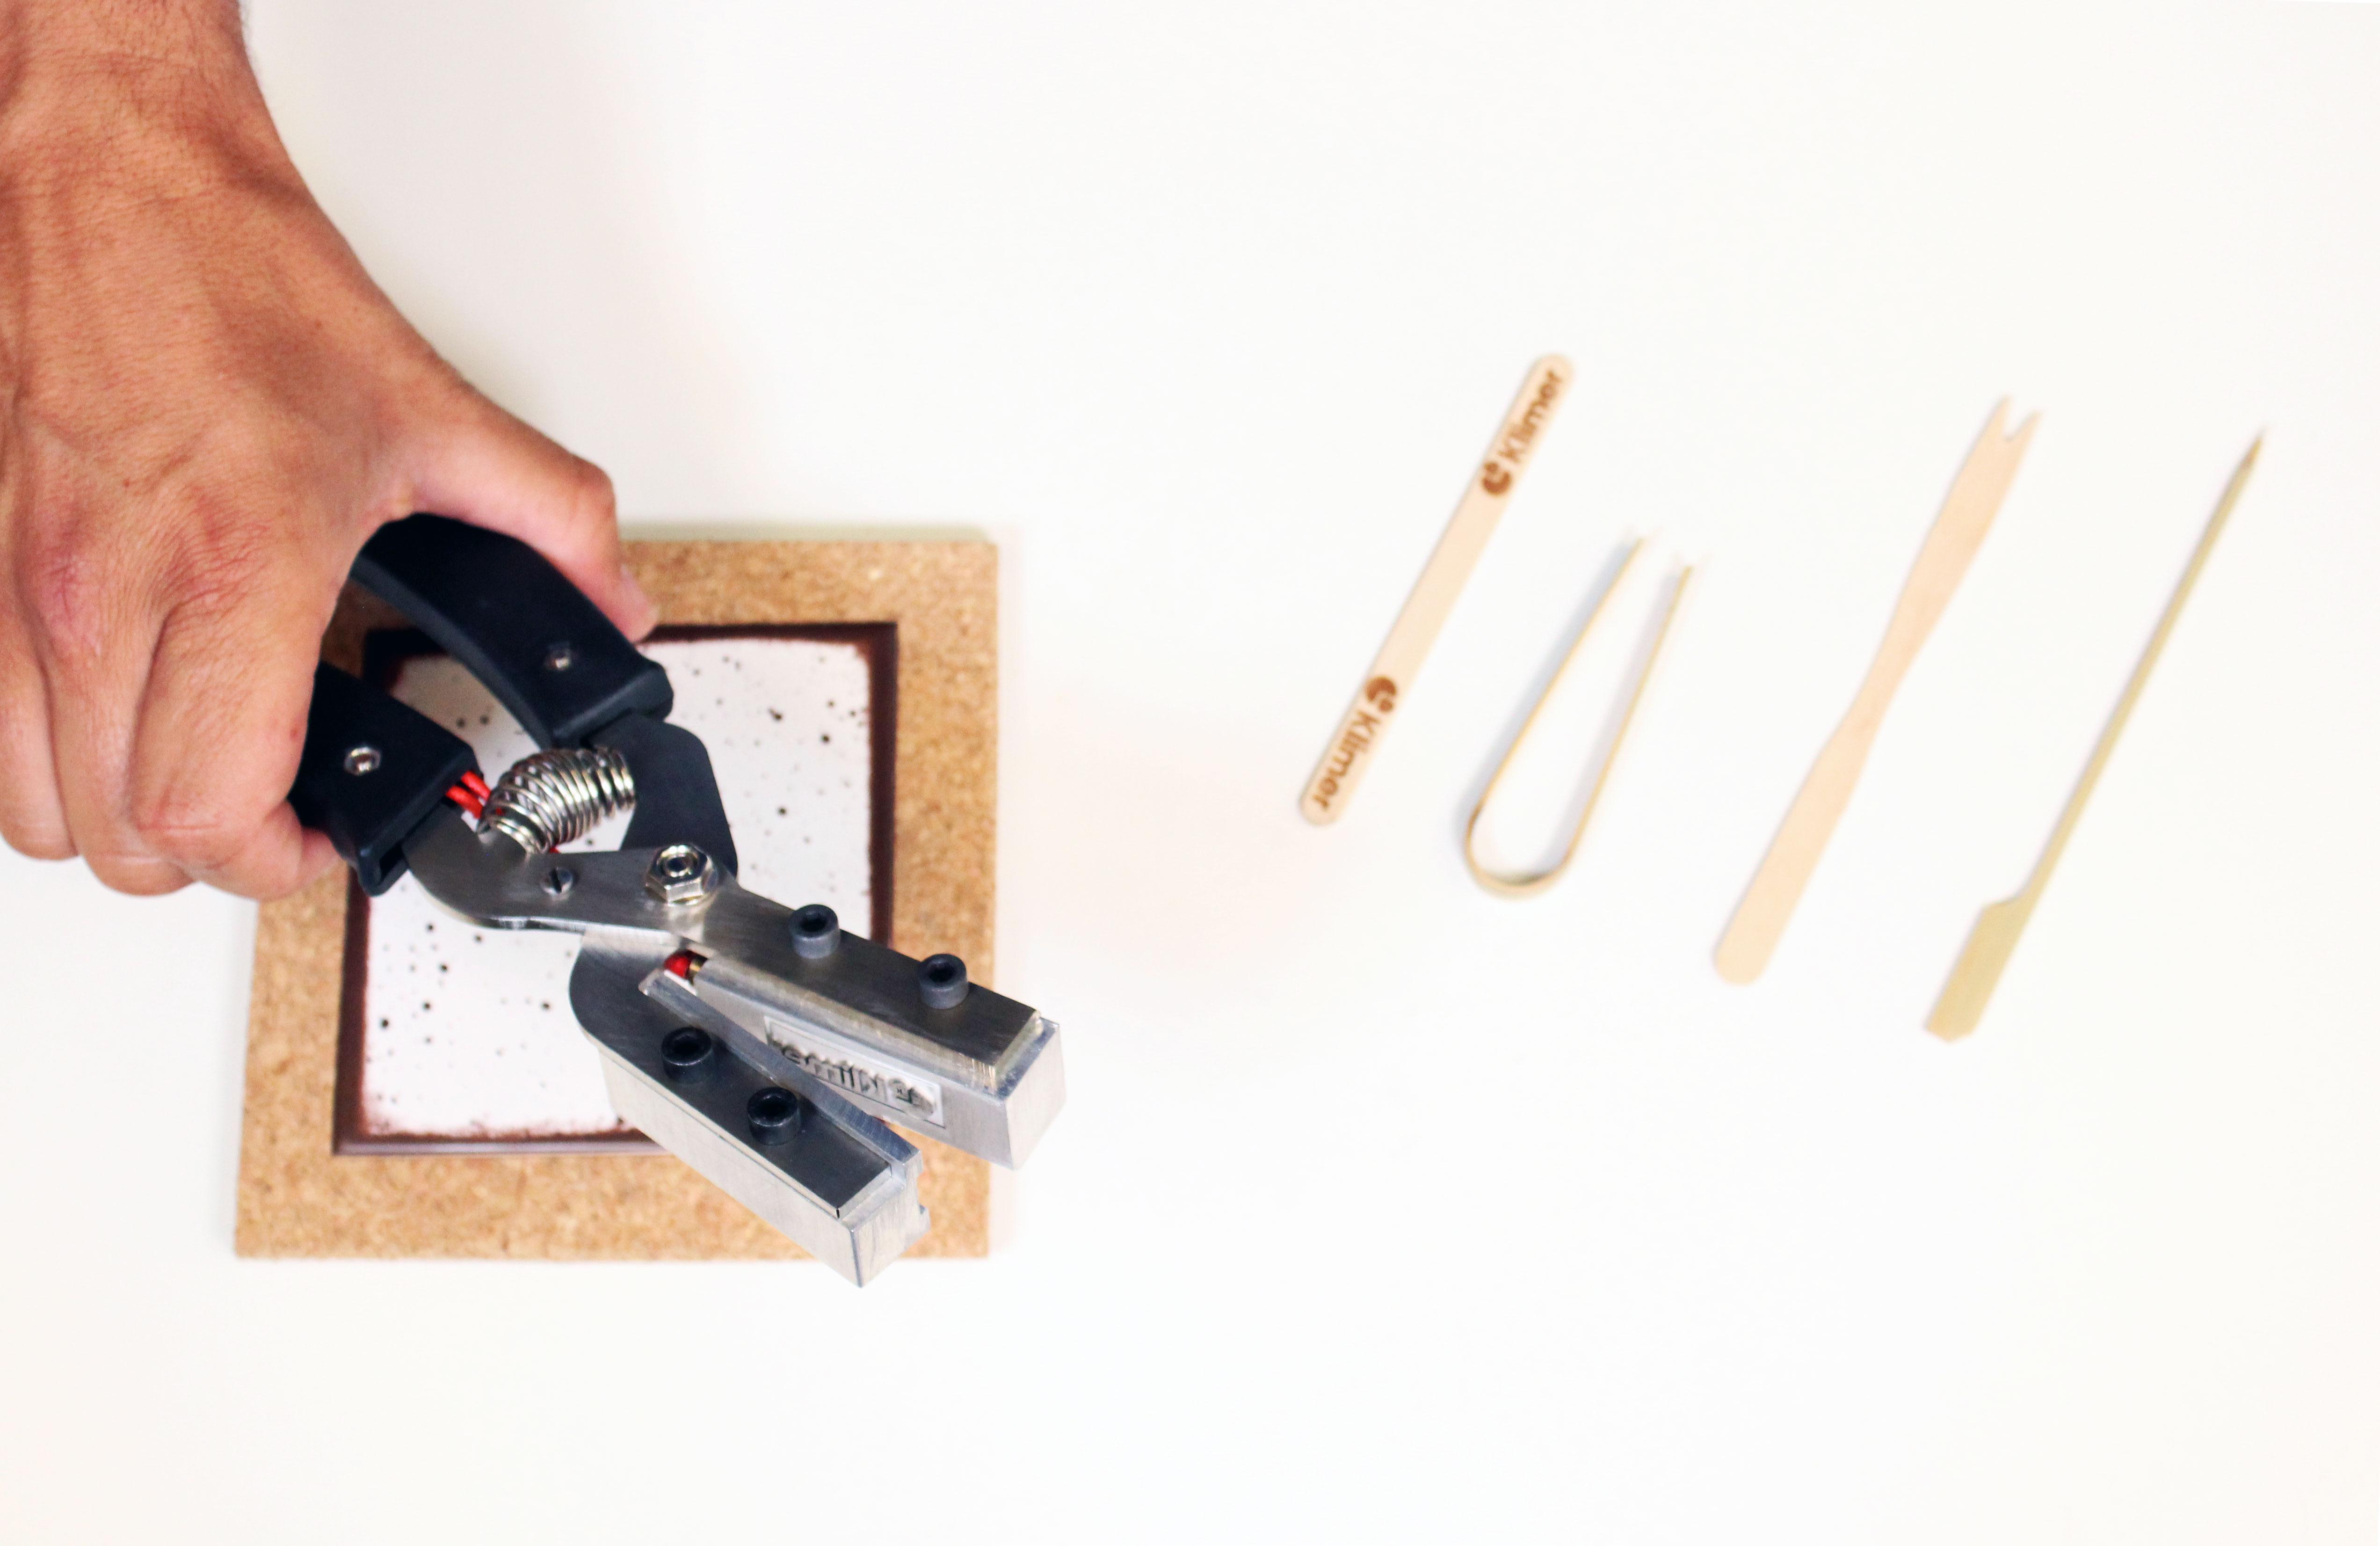 Marcador de pinza eléctrico manual para brochetas personalizado